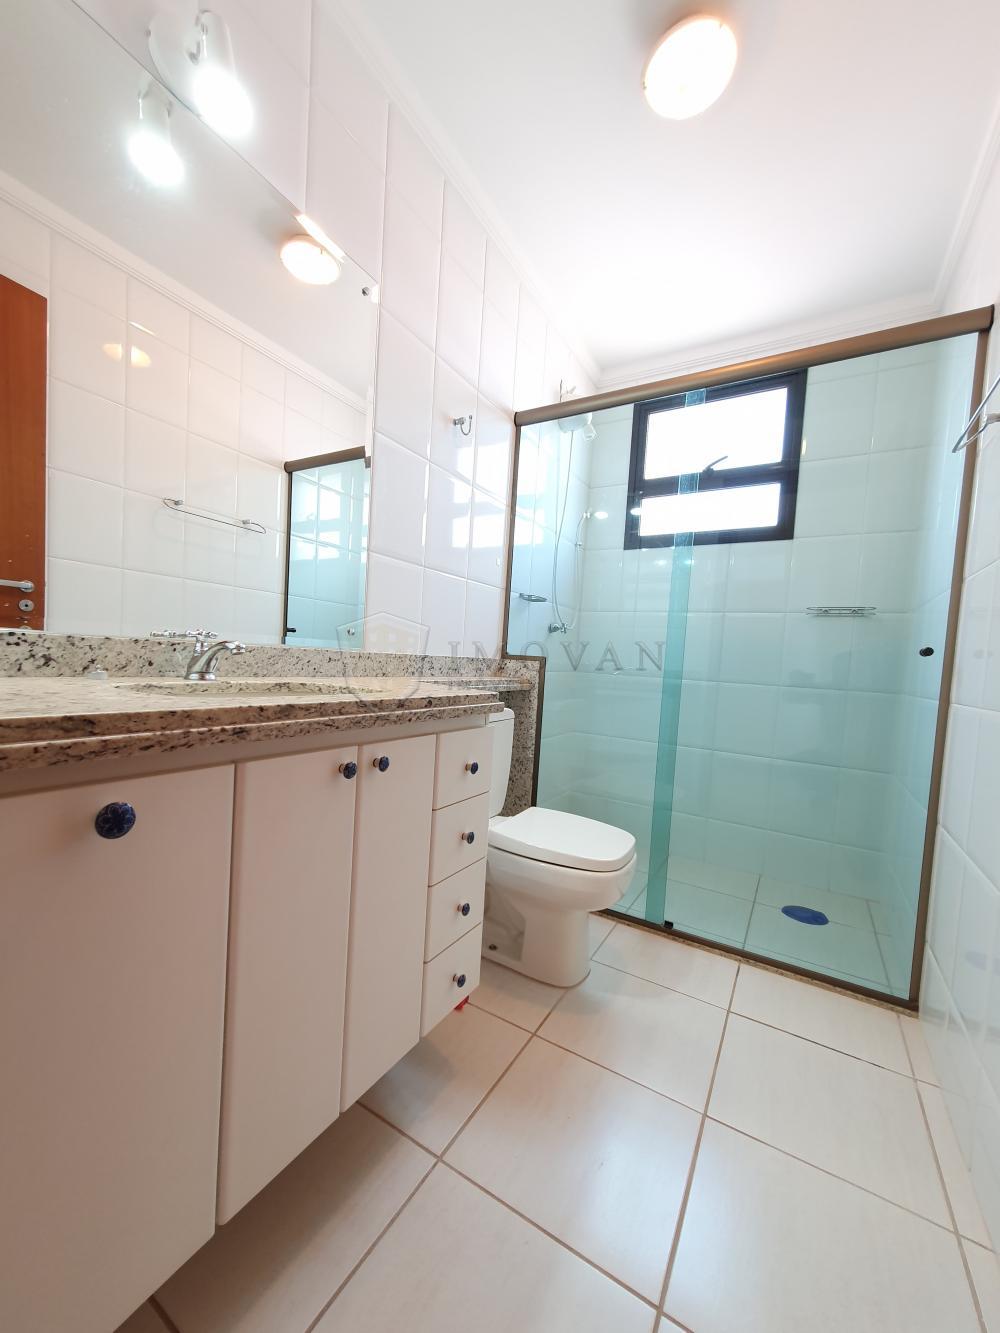 Alugar Apartamento / Padrão em Ribeirão Preto apenas R$ 3.000,00 - Foto 13